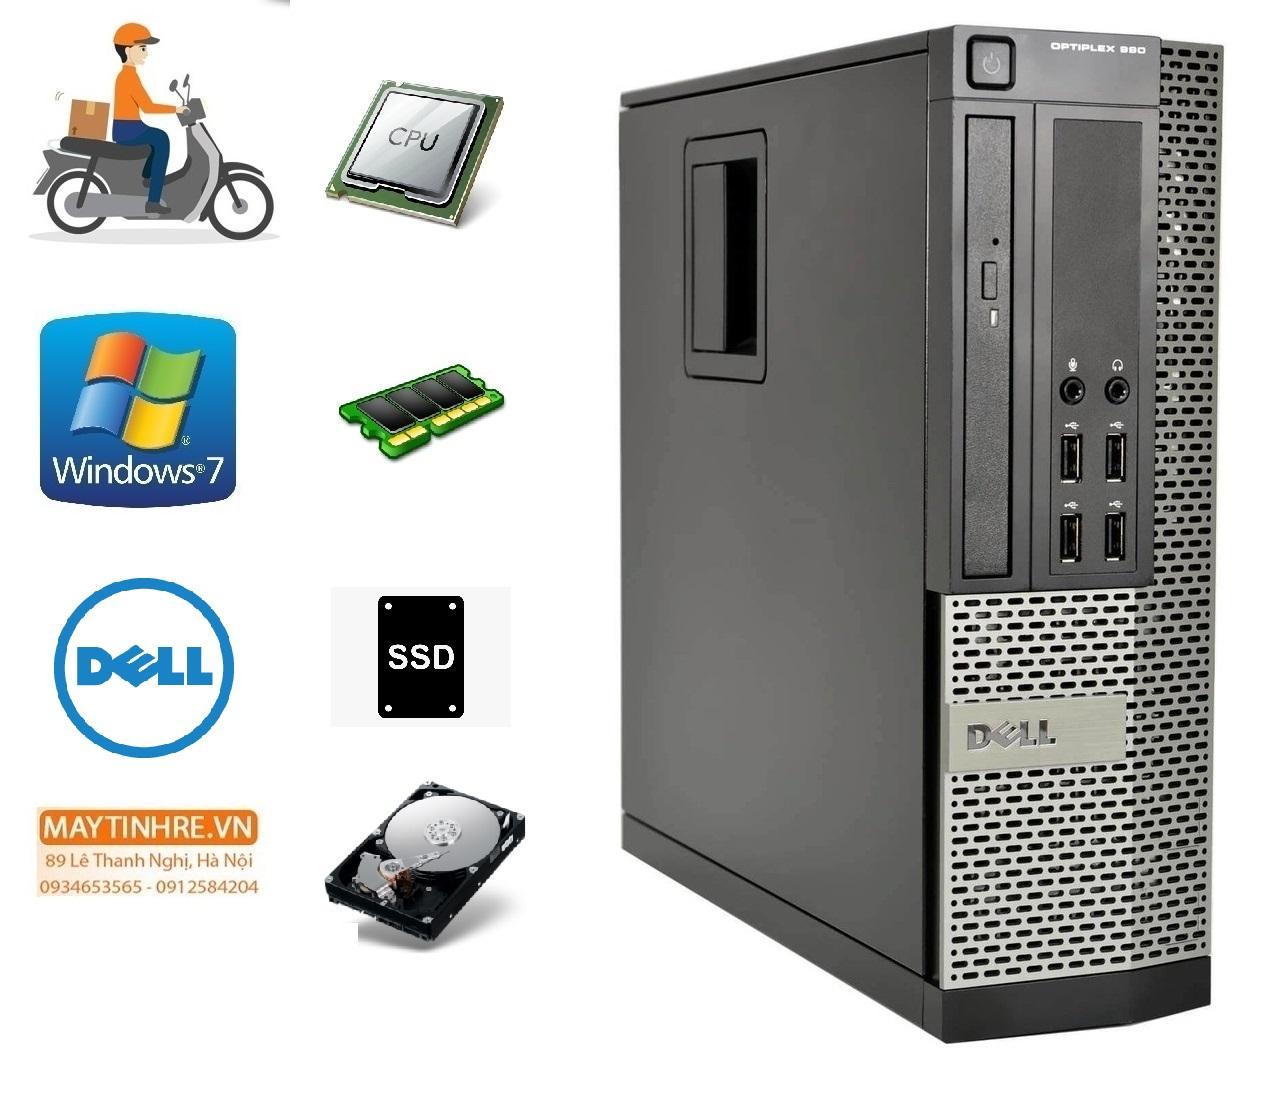 Hot Deal Khi Mua Máy Tính Đồng Bộ Dell Optiplex 990//7010 Sff, Cấu Hình Khách Tự Chọn, Bảo Hành 24 Tháng, Hàng Nhập Khẩu, Chưa Bao Gồm Phím Chuột Và Màn Hình